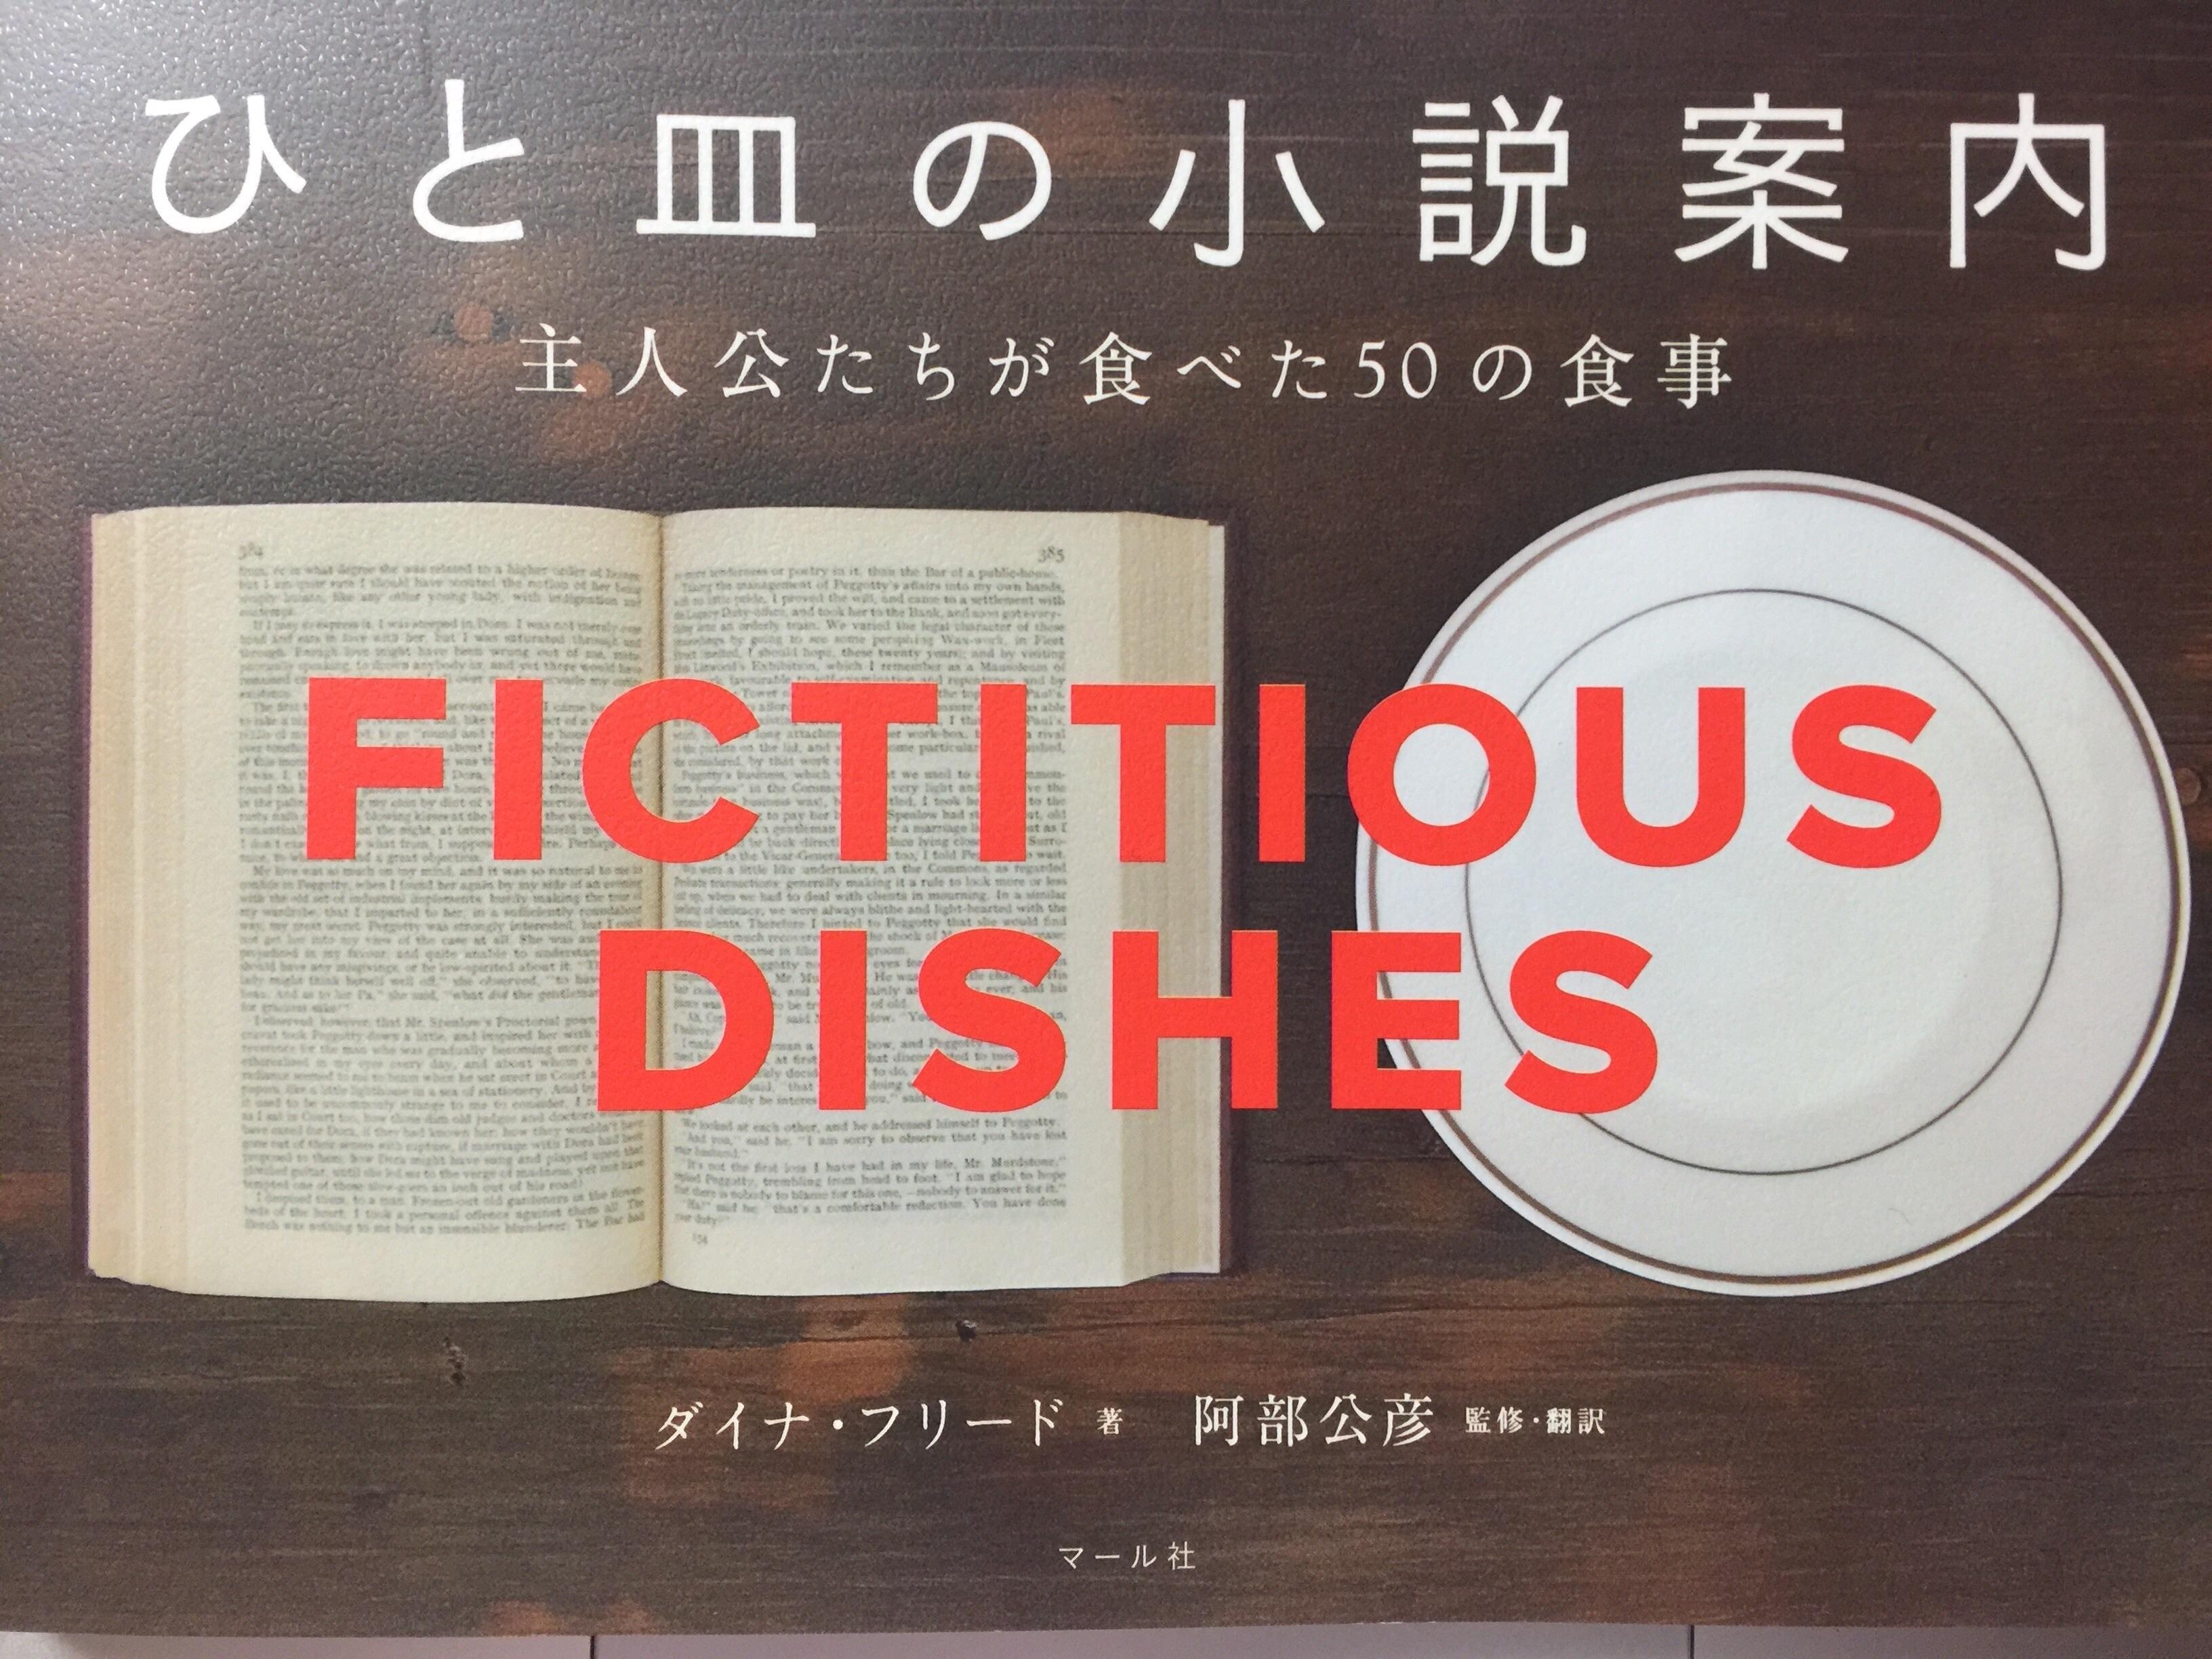 『ひと皿の小説案内』 カバー 装丁